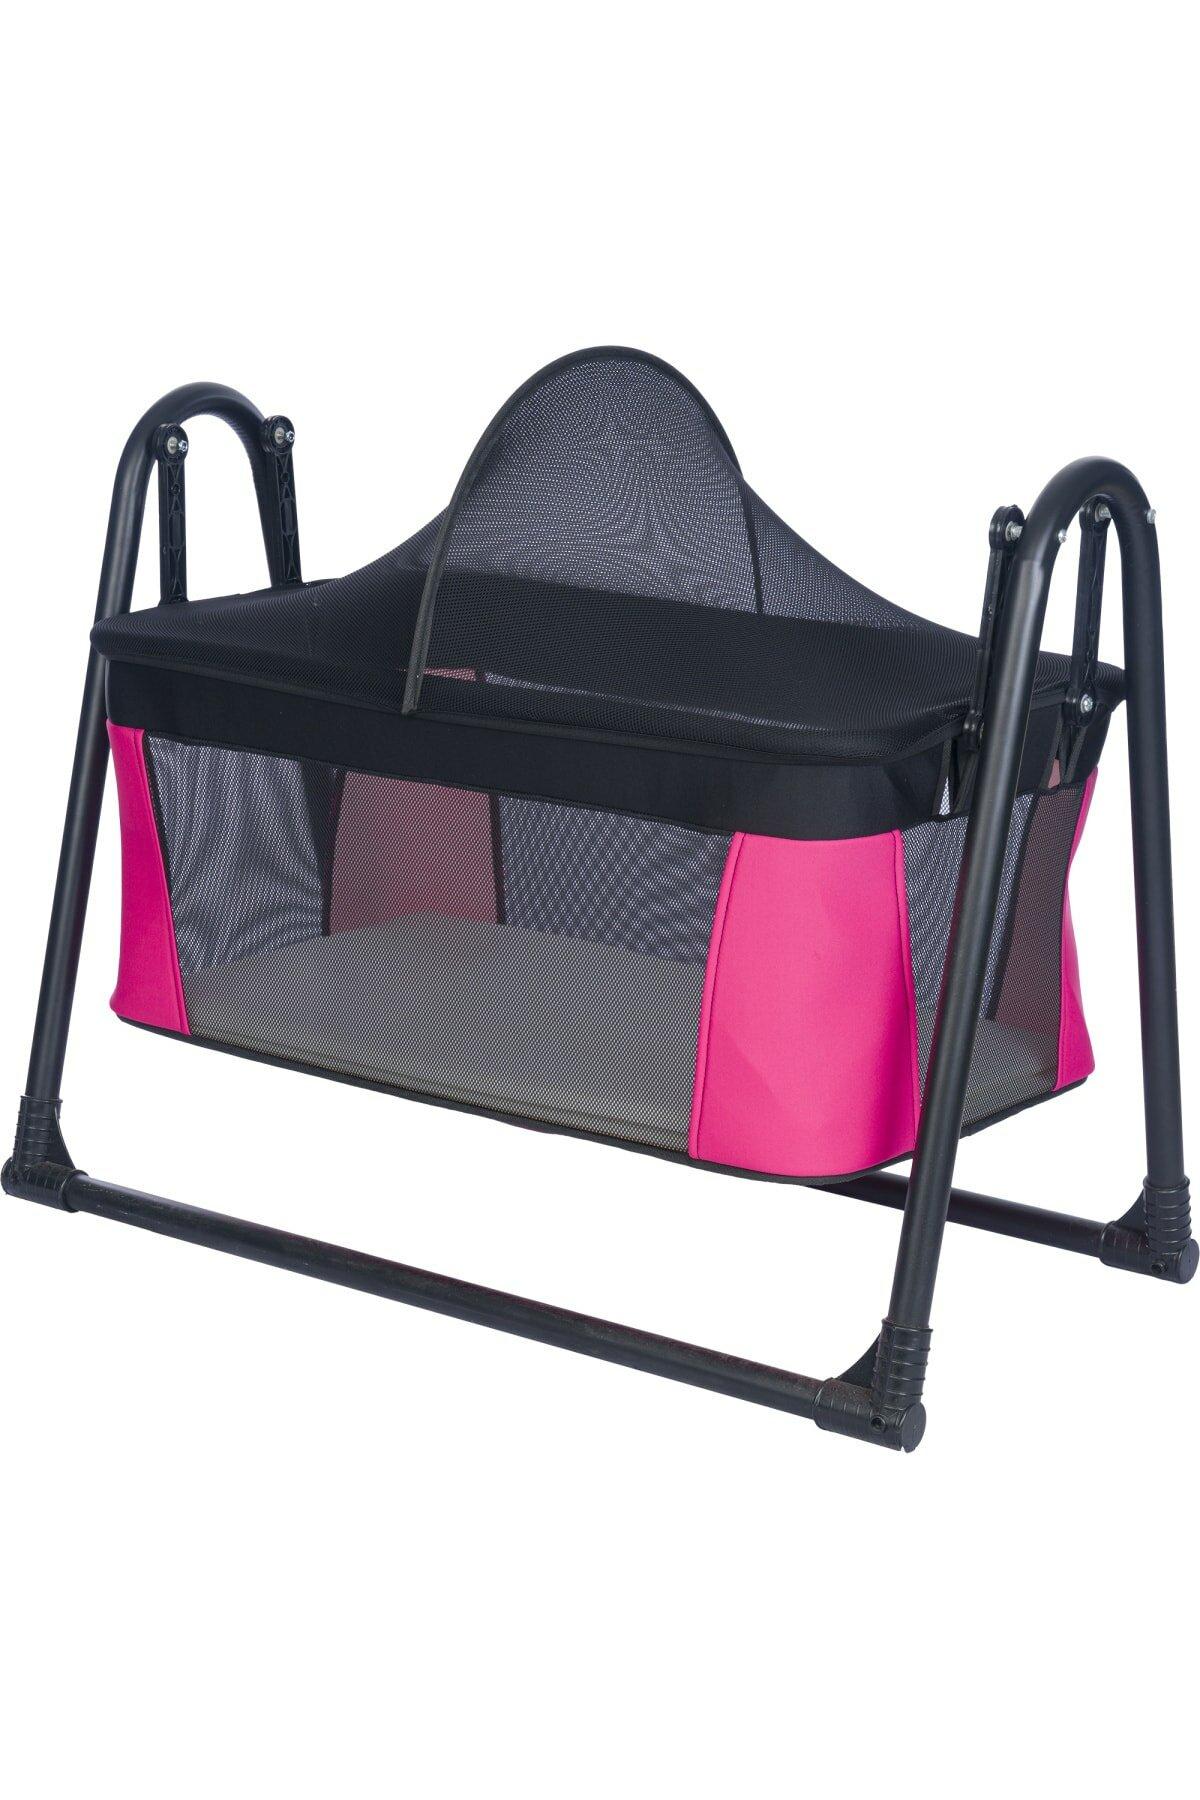 Роскошная портативная корзина-качалка, Детская подвесная гамак, Портативная установка, выдвижная, для спальни, детской комнаты, цвет